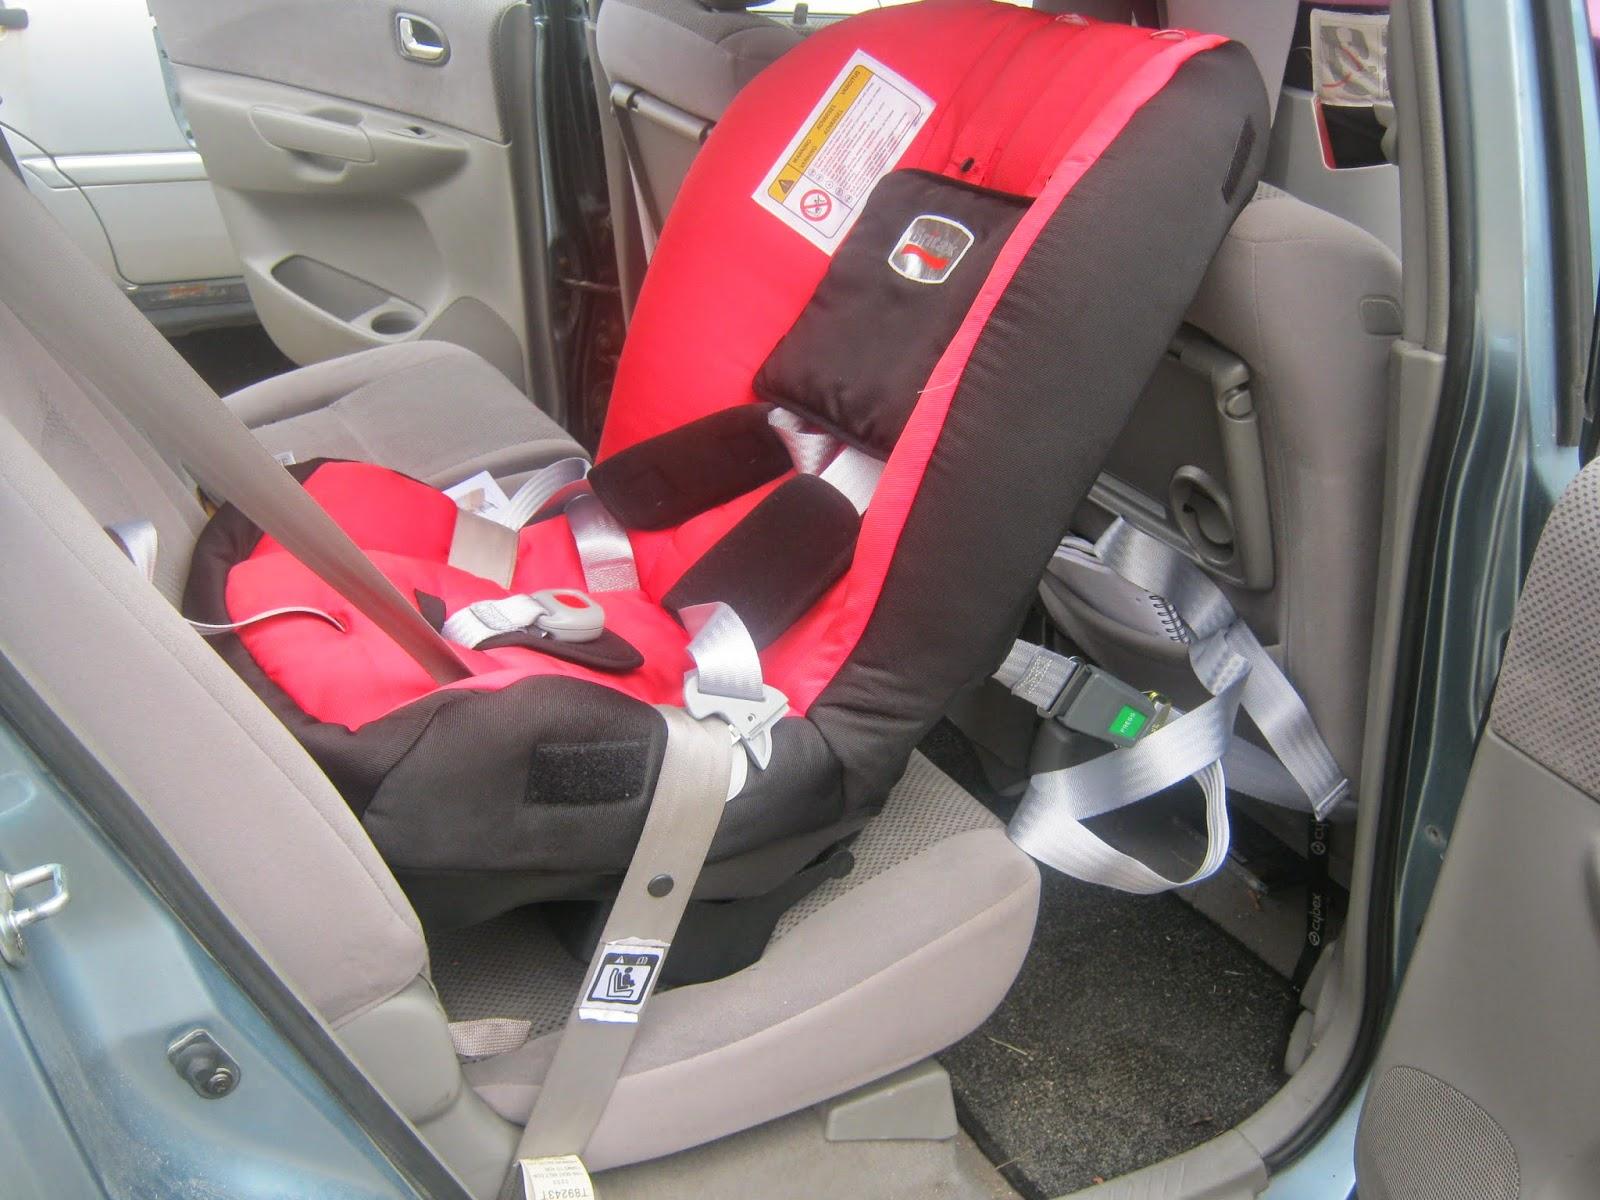 8a40c36b602 Turvatool kinnitub autosse rihmadega ja seda saab paigutada nii eesistmele  kui tagumisele istmele. Sobib pika ja lühikese turvavööga autosse (erinevad  ...